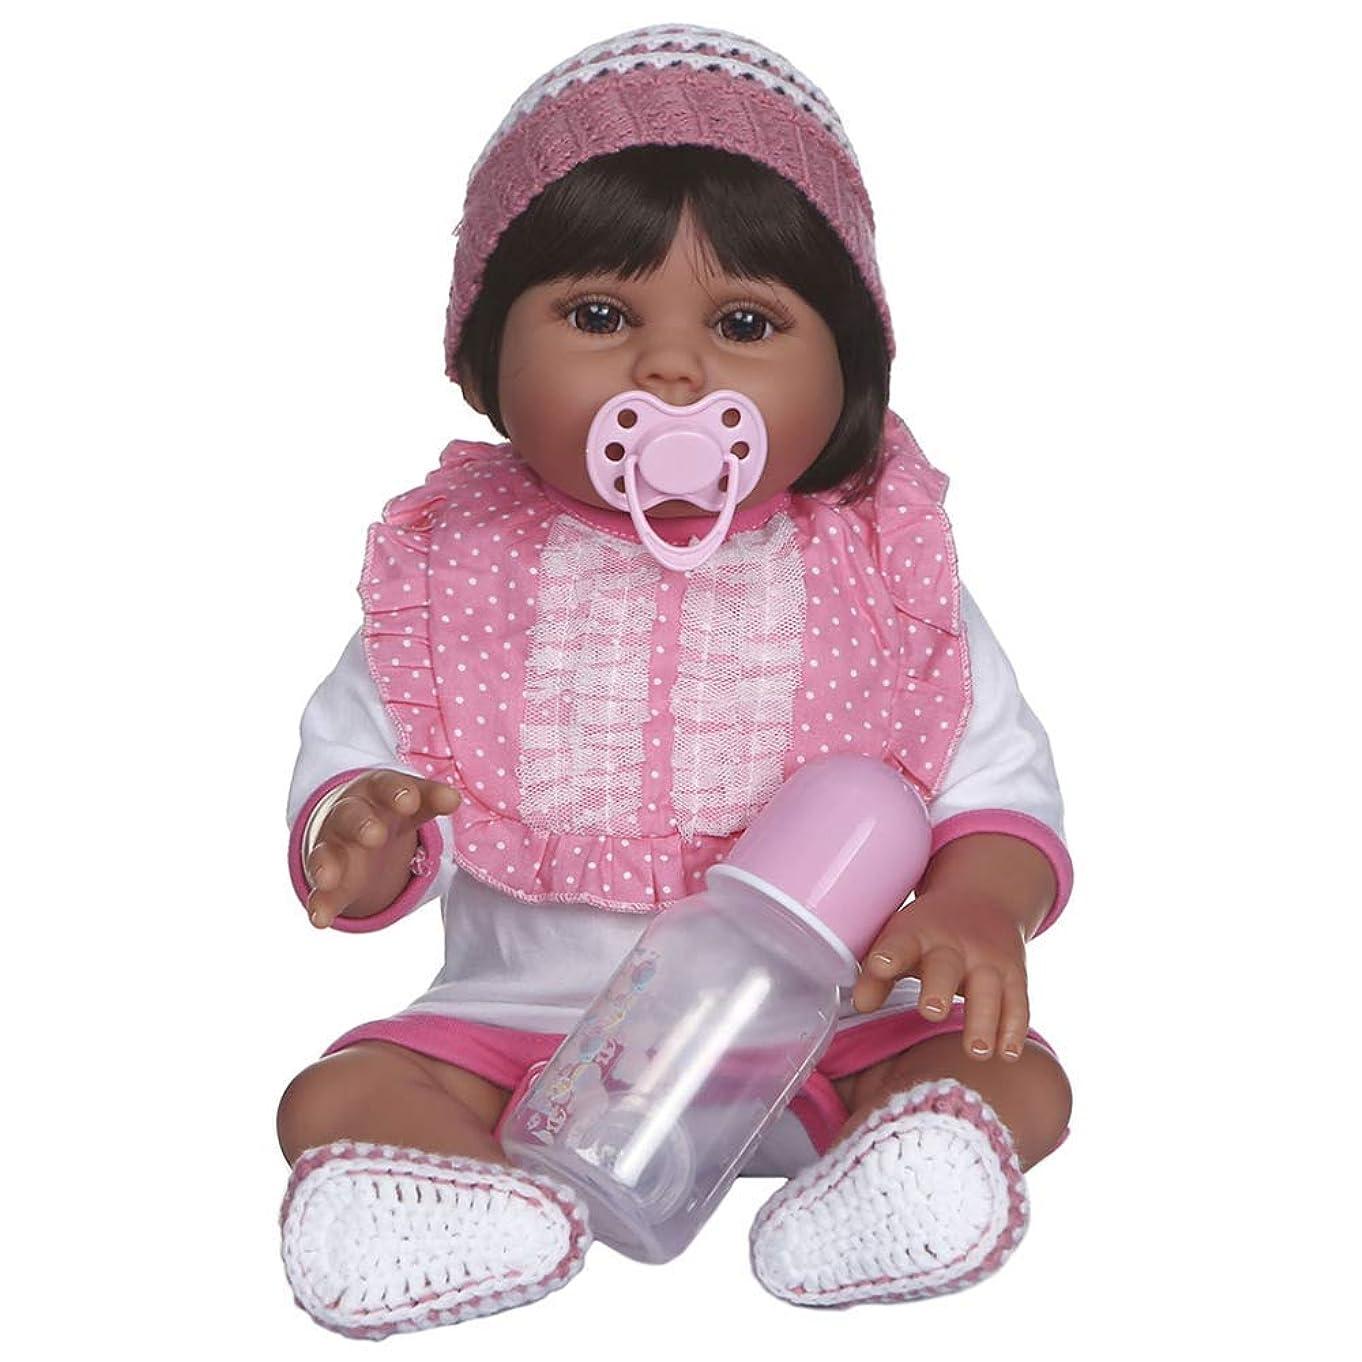 ブロンズ大聖堂付録リボーンベビードール47CMダークタンブラウン肌色Bebe人形リボーンベビーガール人形全身ソフトシリコーン現実的なベビーバスのおもちゃ防水